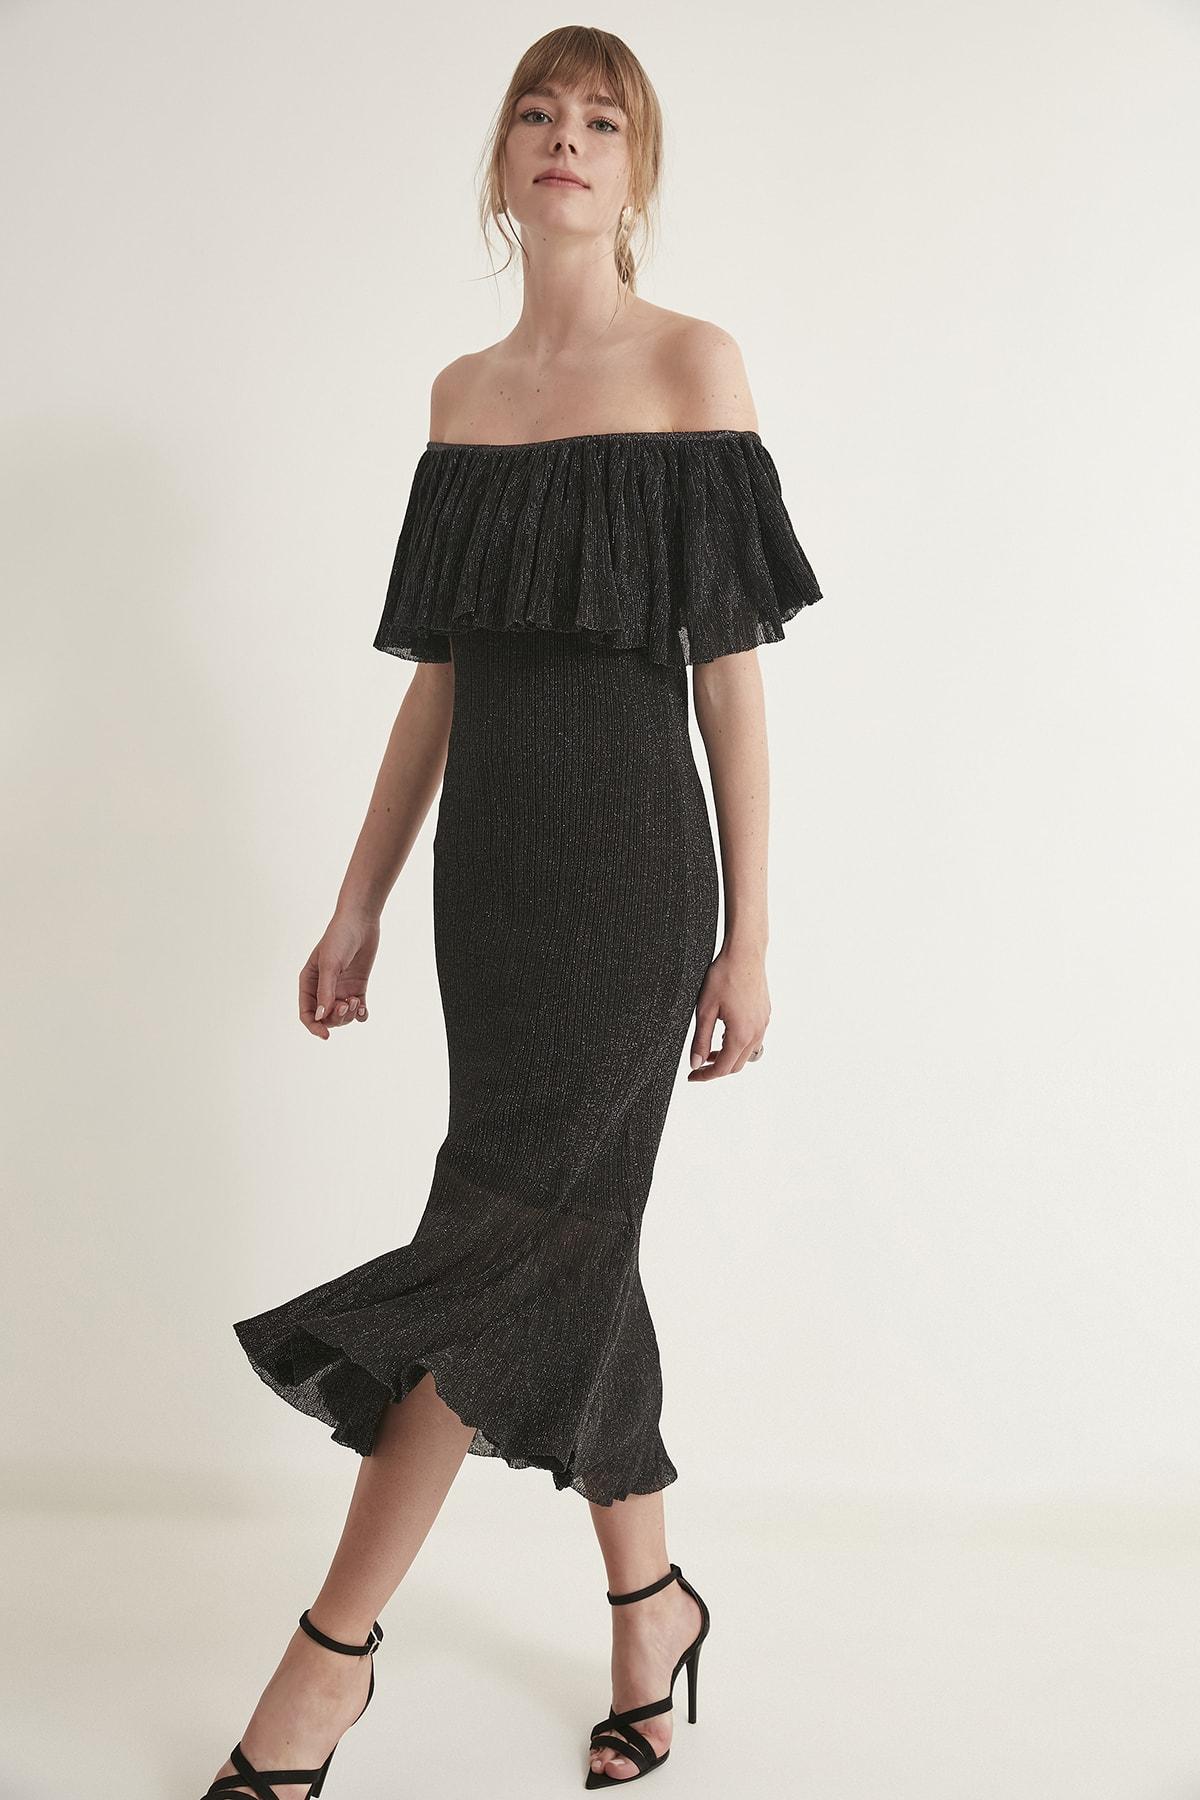 JOIN US Kadın Siyah Simli Volanlı Arkası Çapraz Bantlı Astarlı Elbise  2020S126